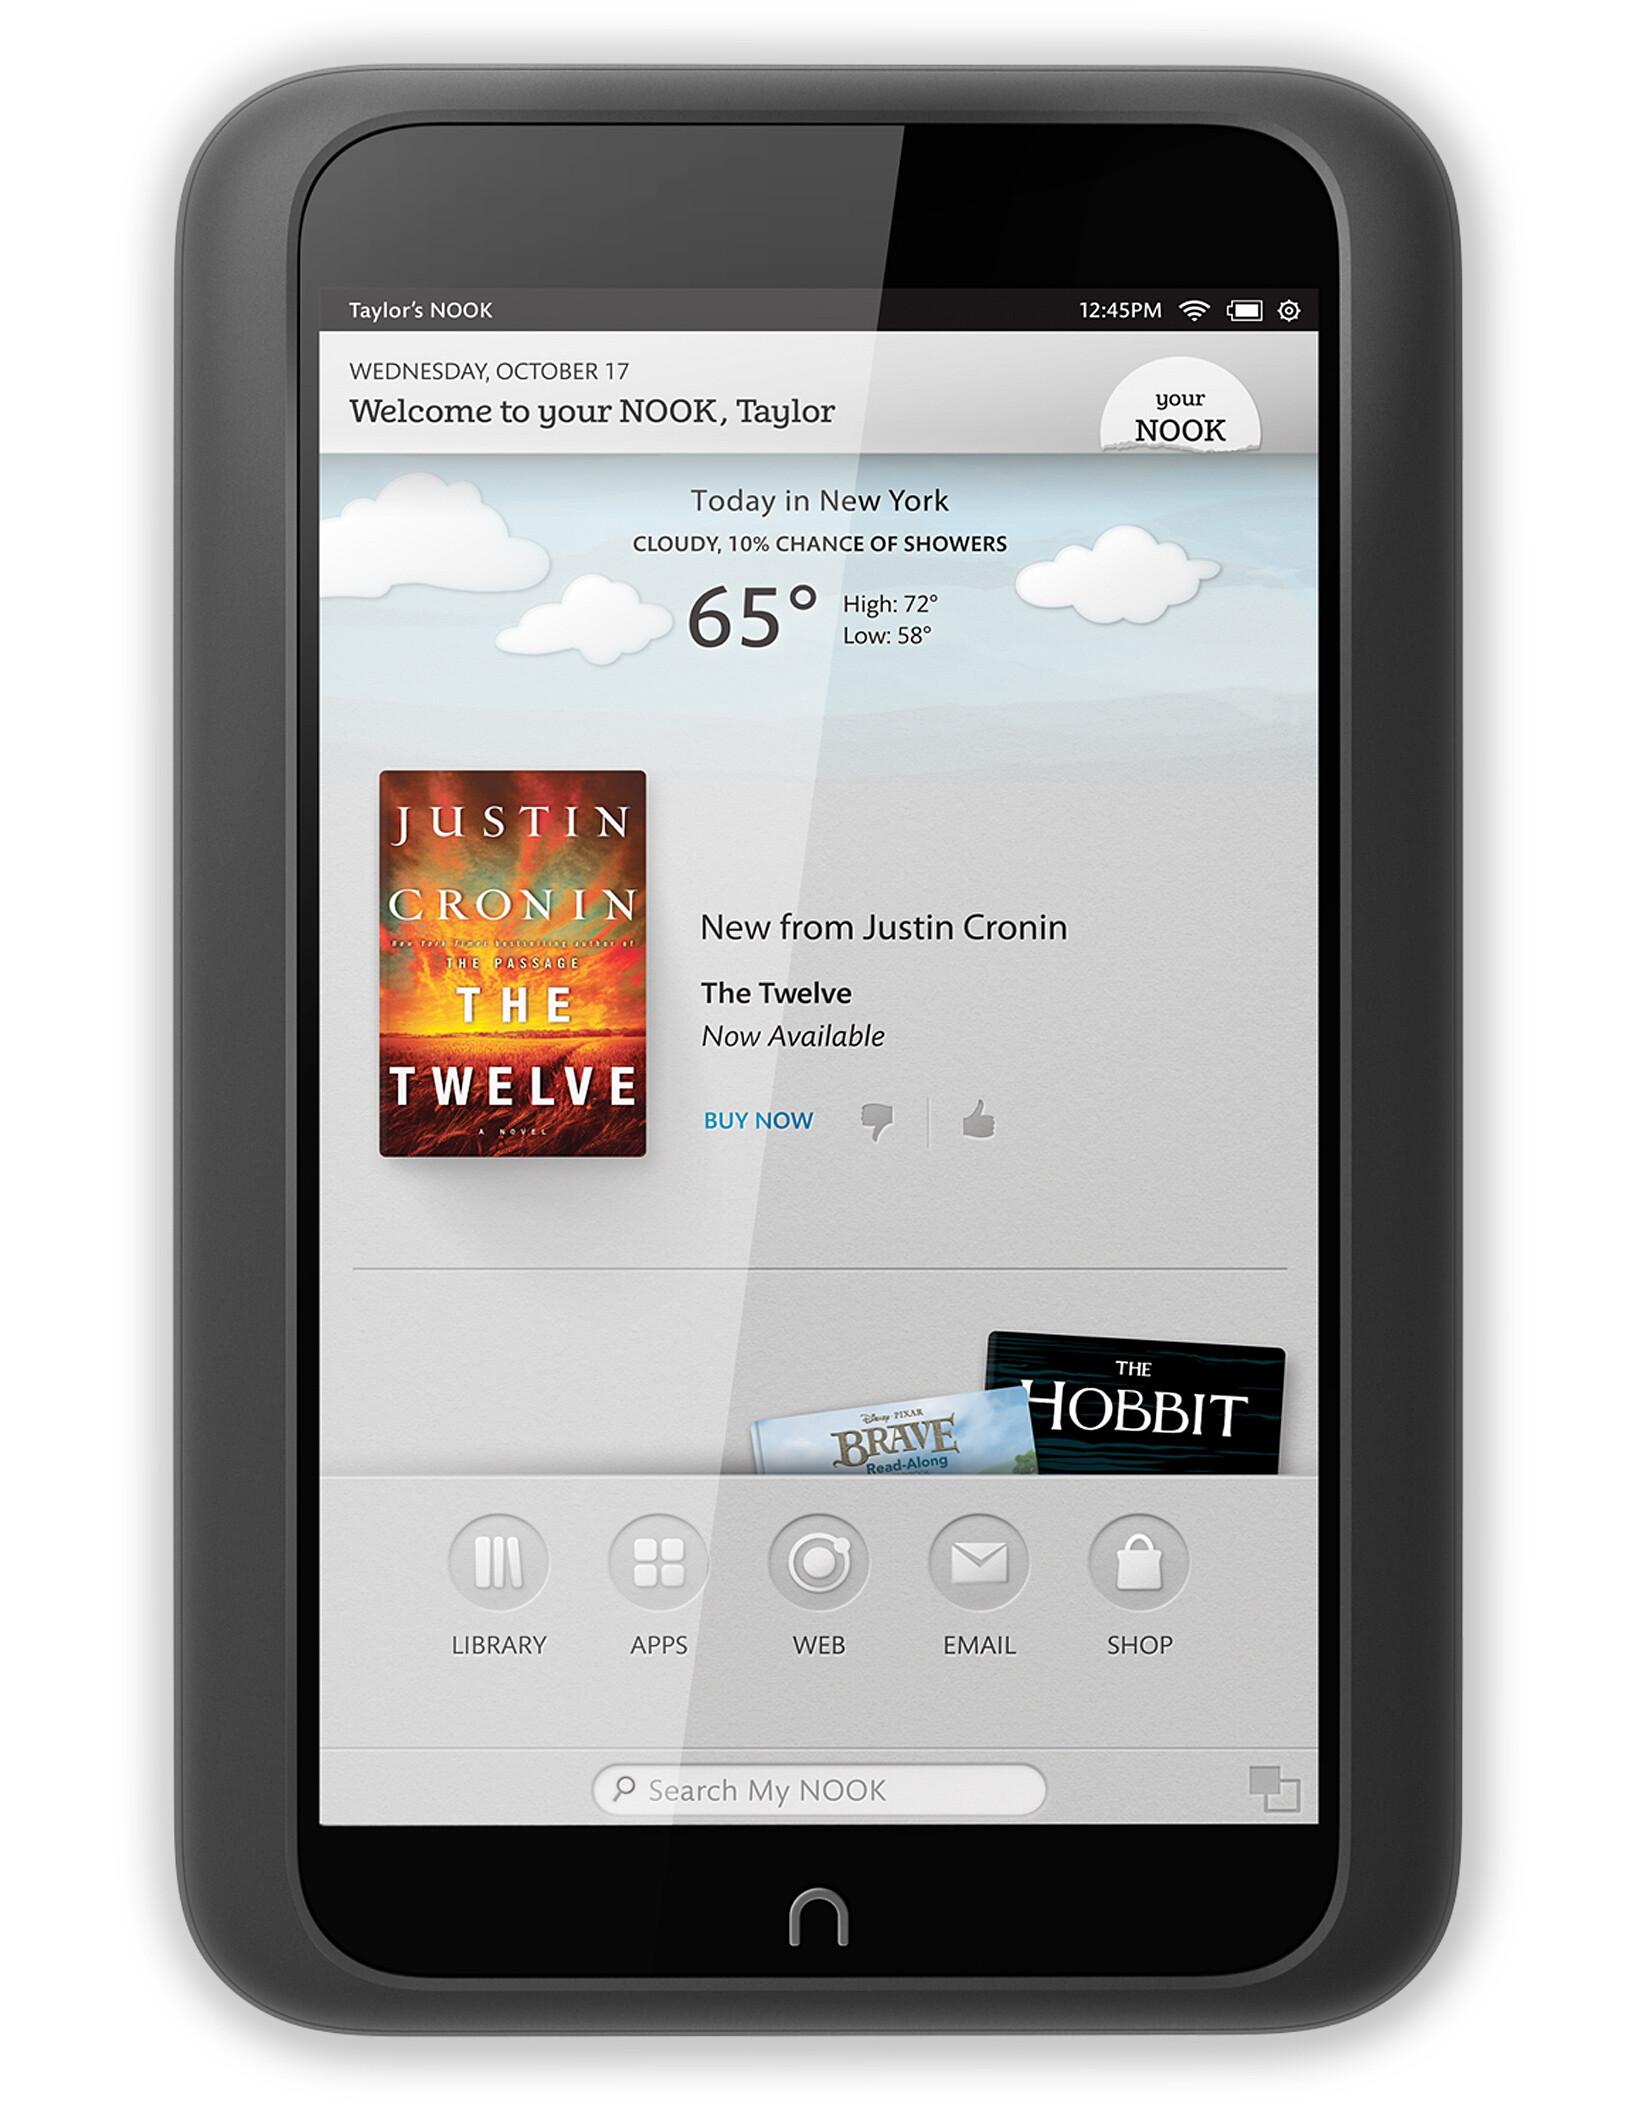 Barnes & Noble NOOK HD specs